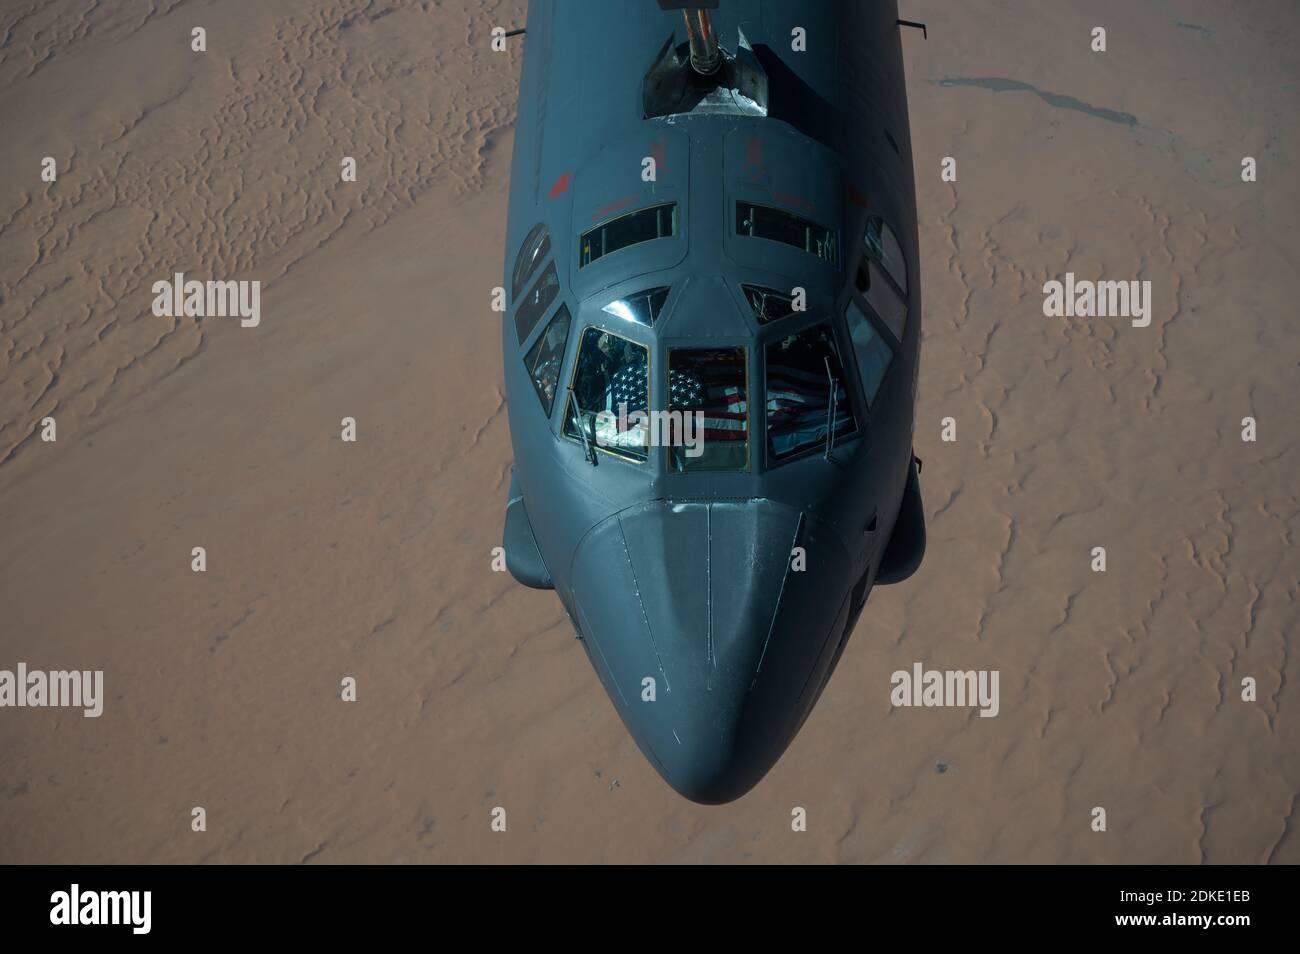 Un bombardier stratégique B-52 Stratofortress de la 2e Escadre Bomb de la U.S. Air Force est ravitaillé à partir d'un avion KC-135 Stratotanker lors d'une mission de la Force opérationnelle bombardier de plusieurs jours le 10 décembre 2020 au-dessus du Qatar. Le bombardier a été déplacé dans la région à la suite d'une augmentation des tensions avec l'Iran. Banque D'Images